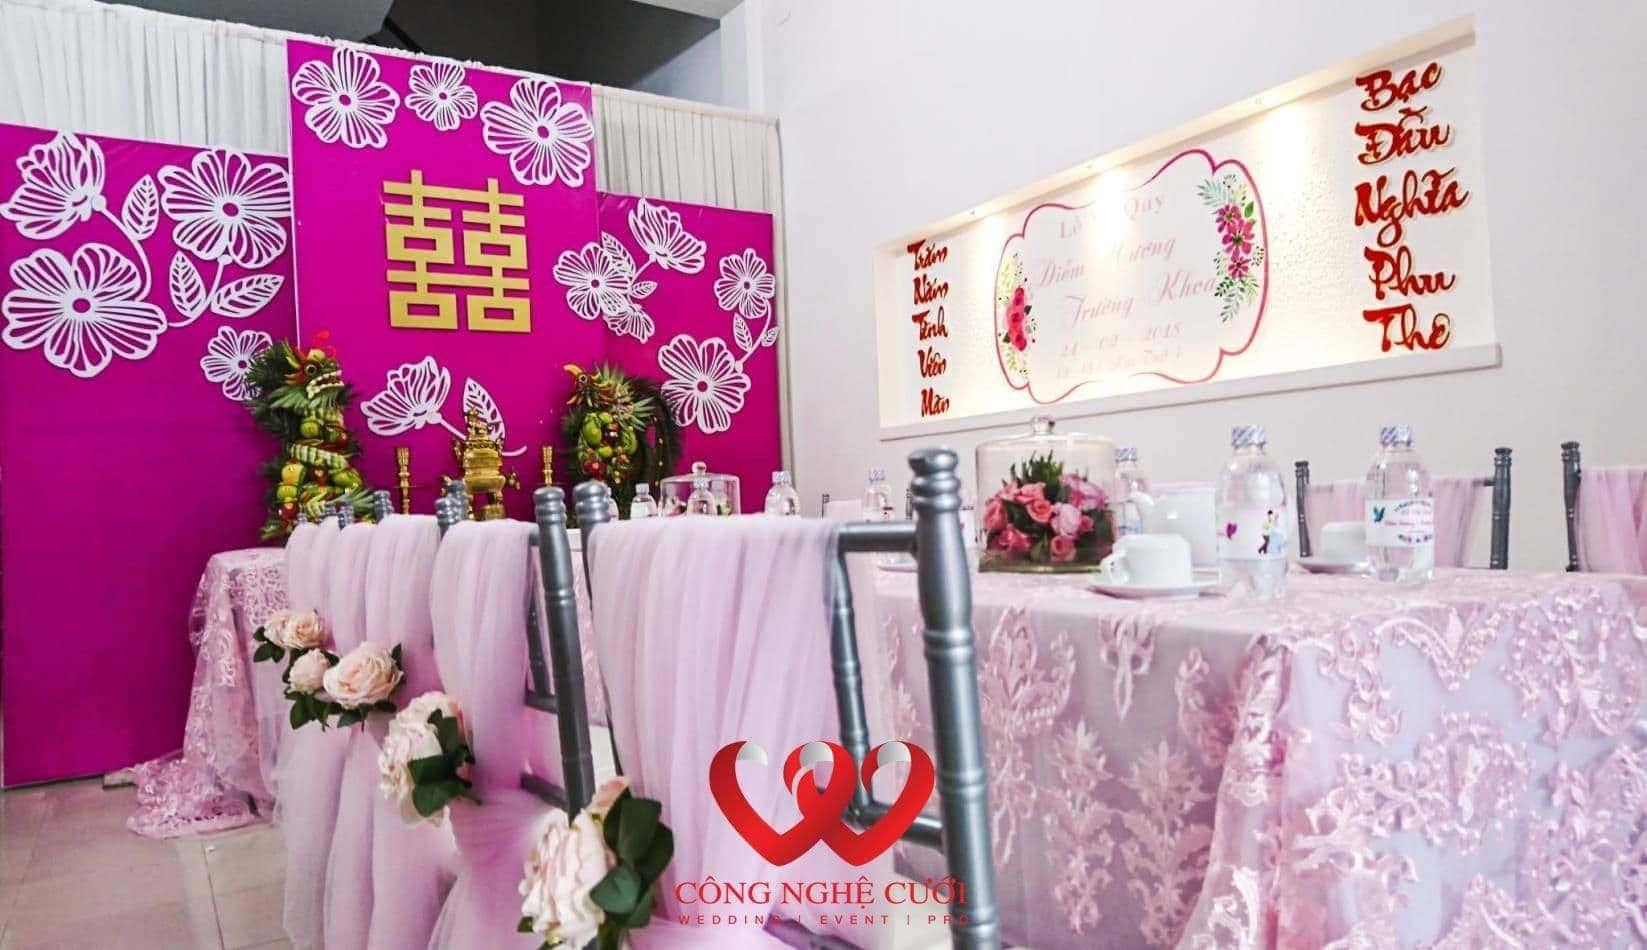 Trang trí nhà đám cưới tống màu hồng